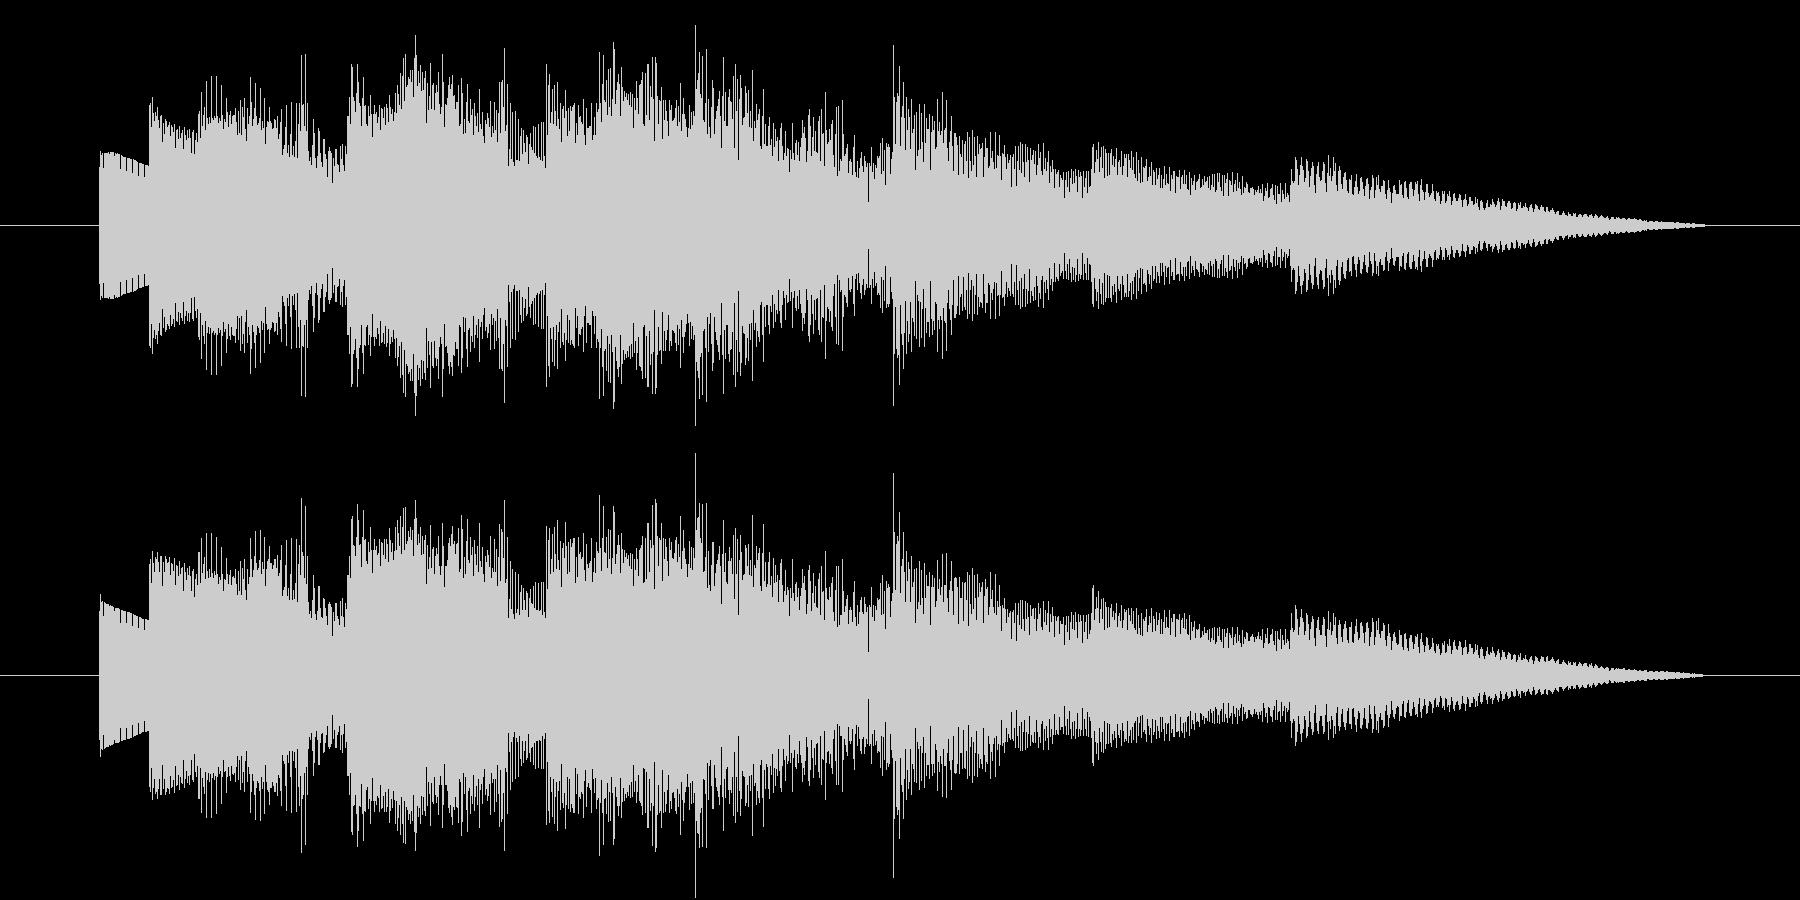 「不思議な空間のBGM」の未再生の波形